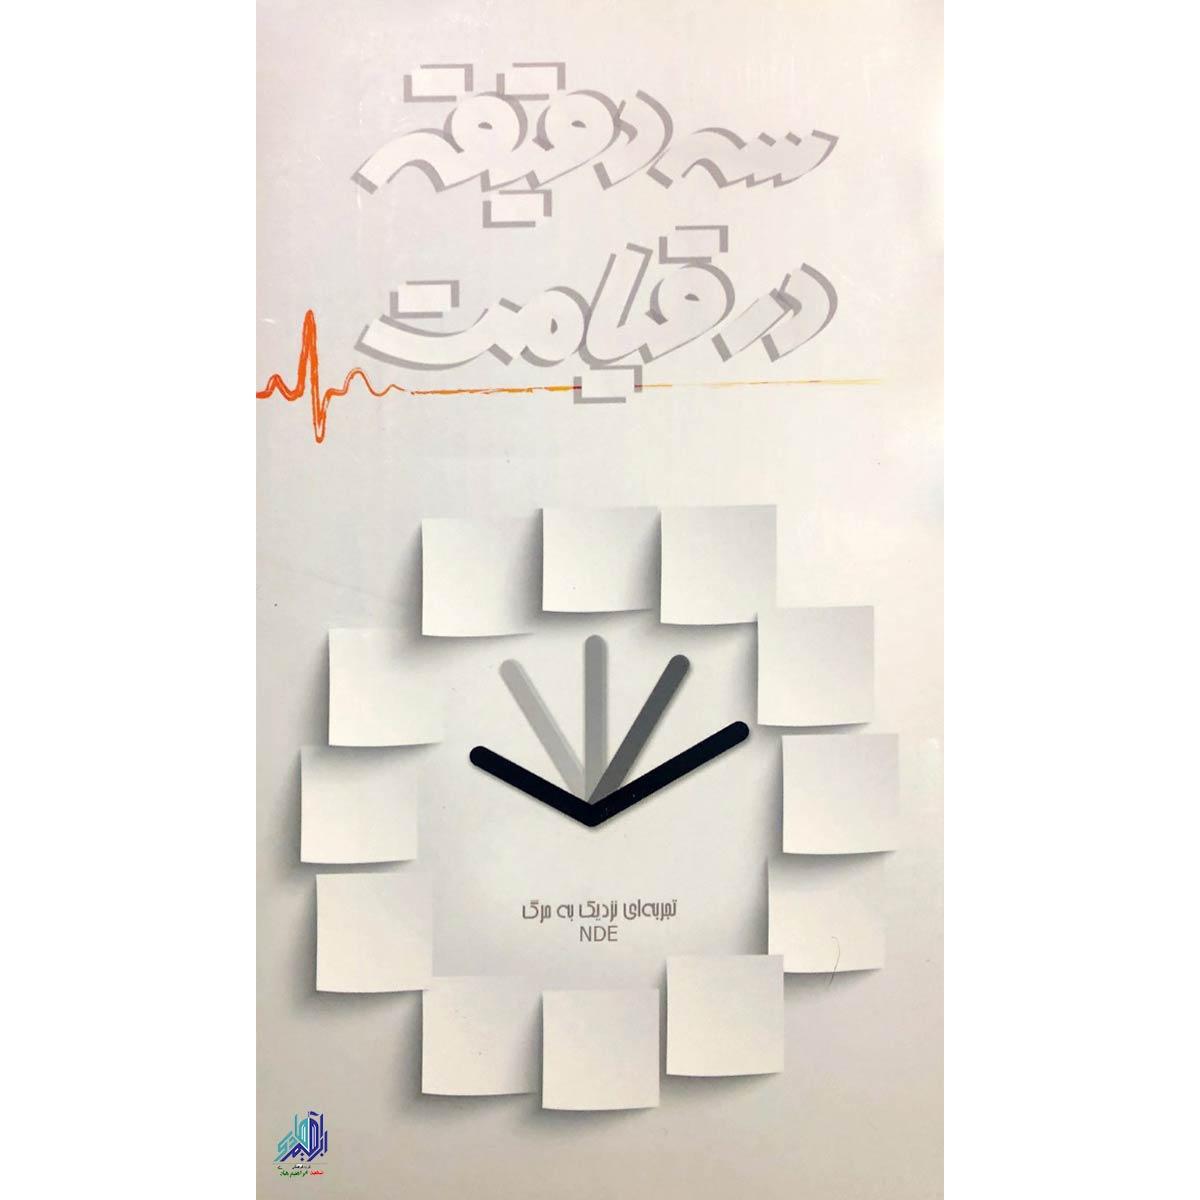 کتاب سه دقیقه در قیامت اثر جمعی از نویسندگان انتشارات شهید ابراهیم هادی